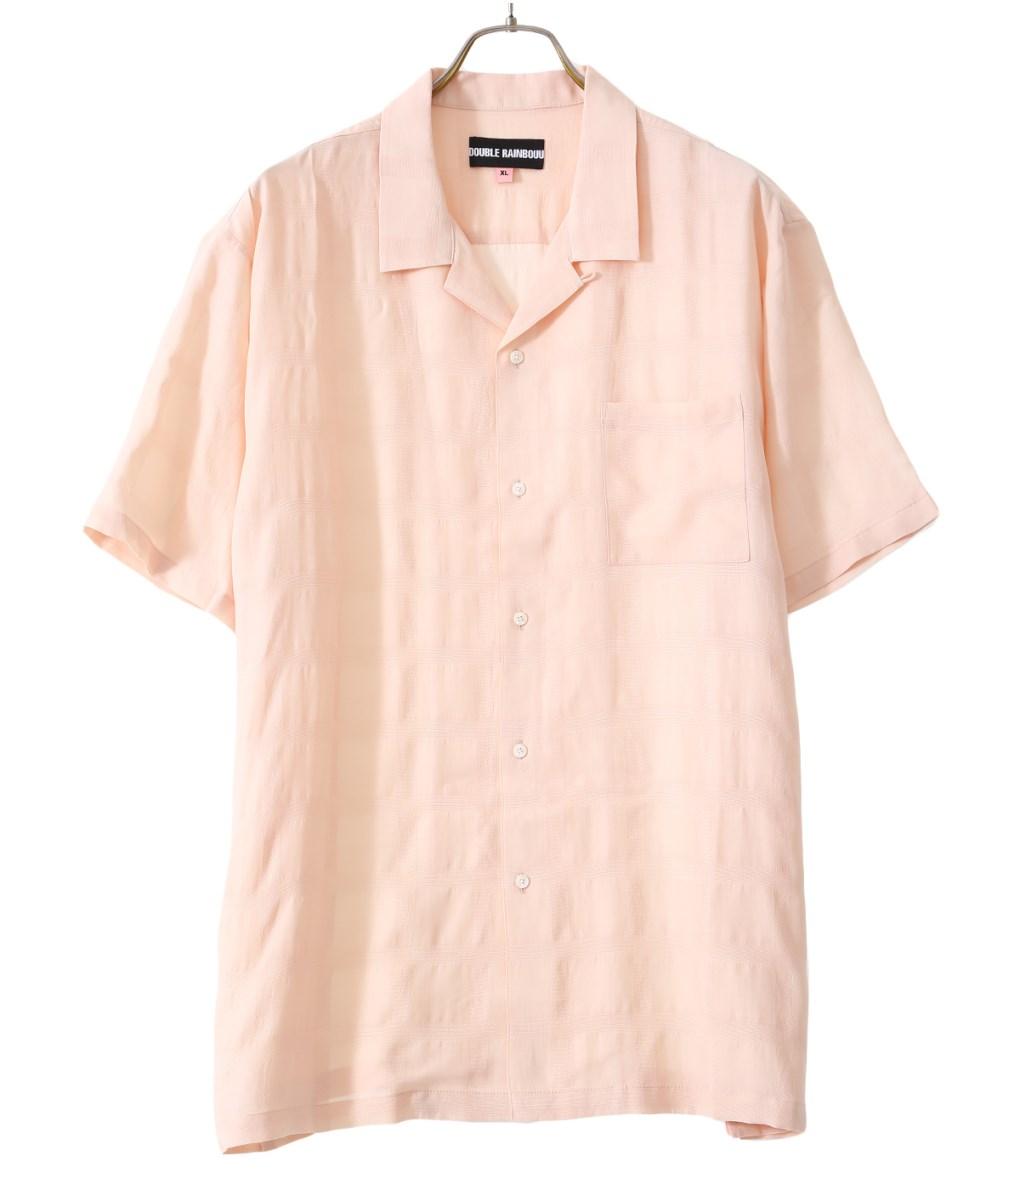 DOUBLE RAINBOUU / ダブルレインボー : CREAM PINK : クリーム ピンク アロハ シャツ : DR001D 【PIE】